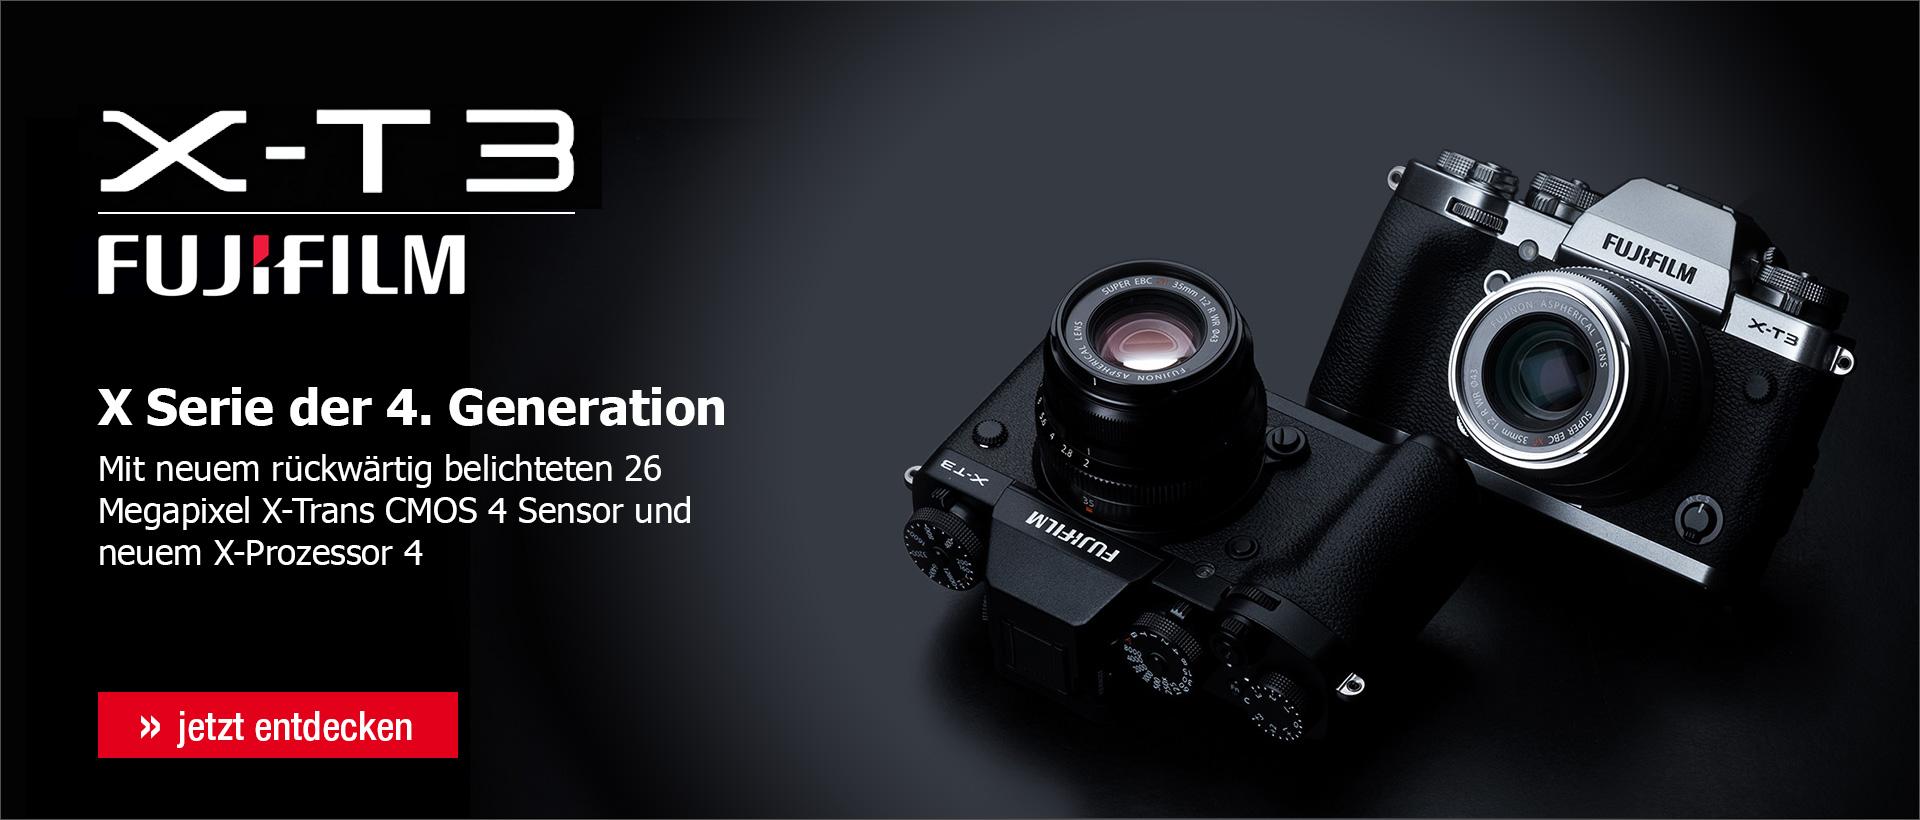 Fuji X-T3 @ Photohaus.de